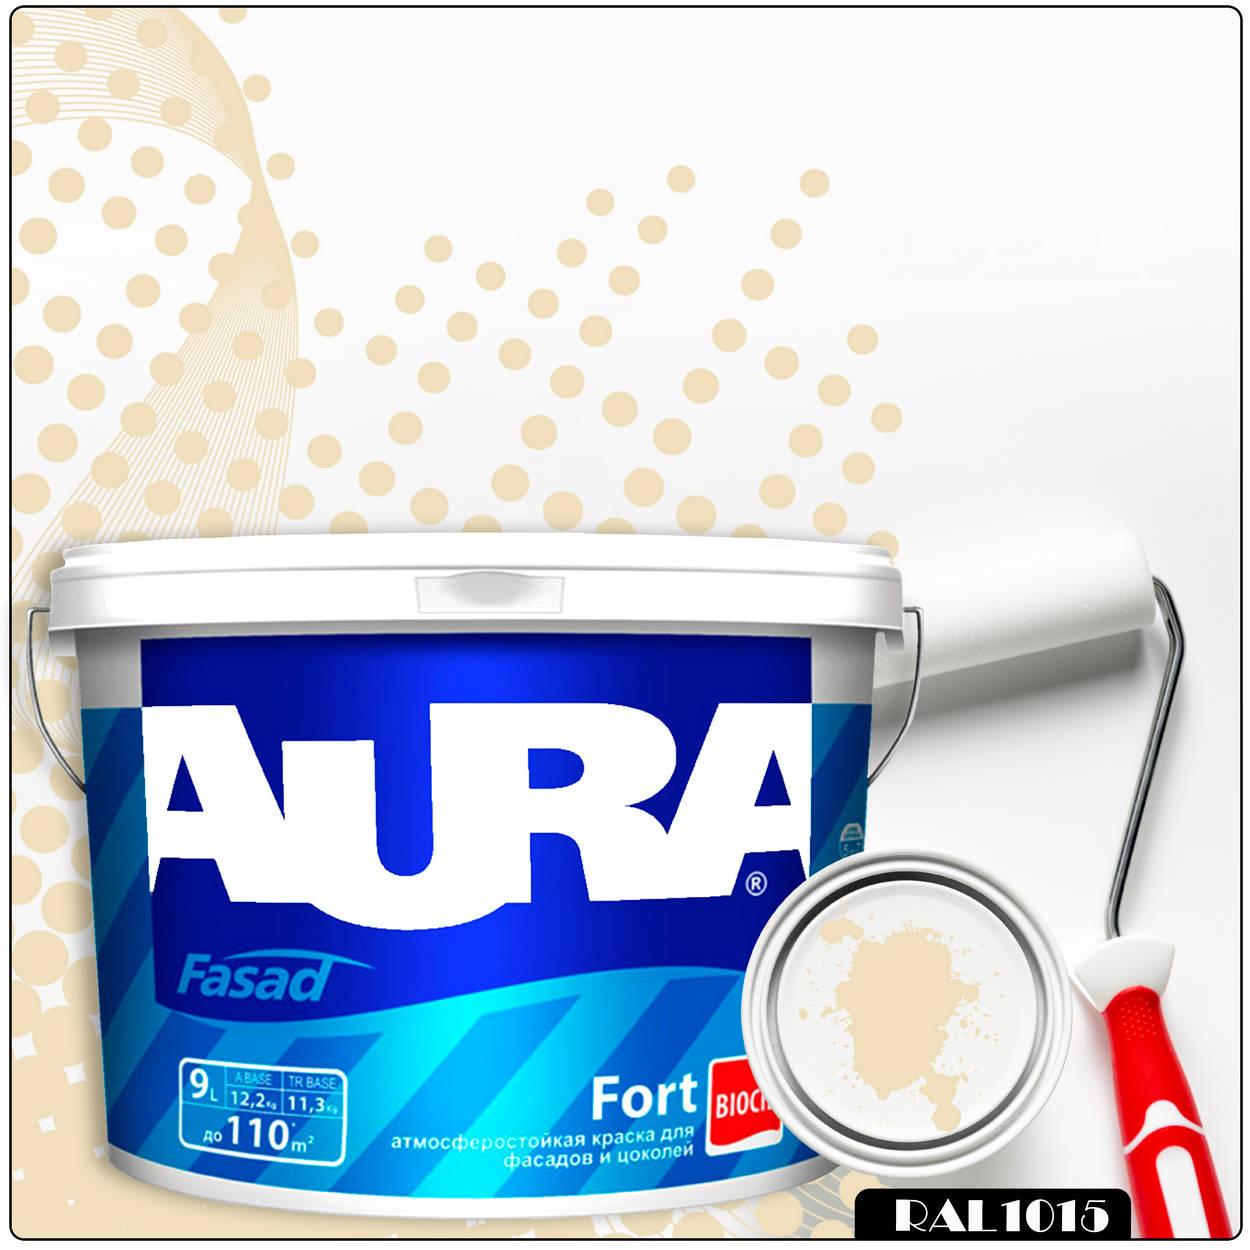 Фото 13 - Краска Aura Fasad Fort, RAL 1015 Слоновая кость светлая, латексная, матовая, для фасада и цоколей, 9л, Аура.